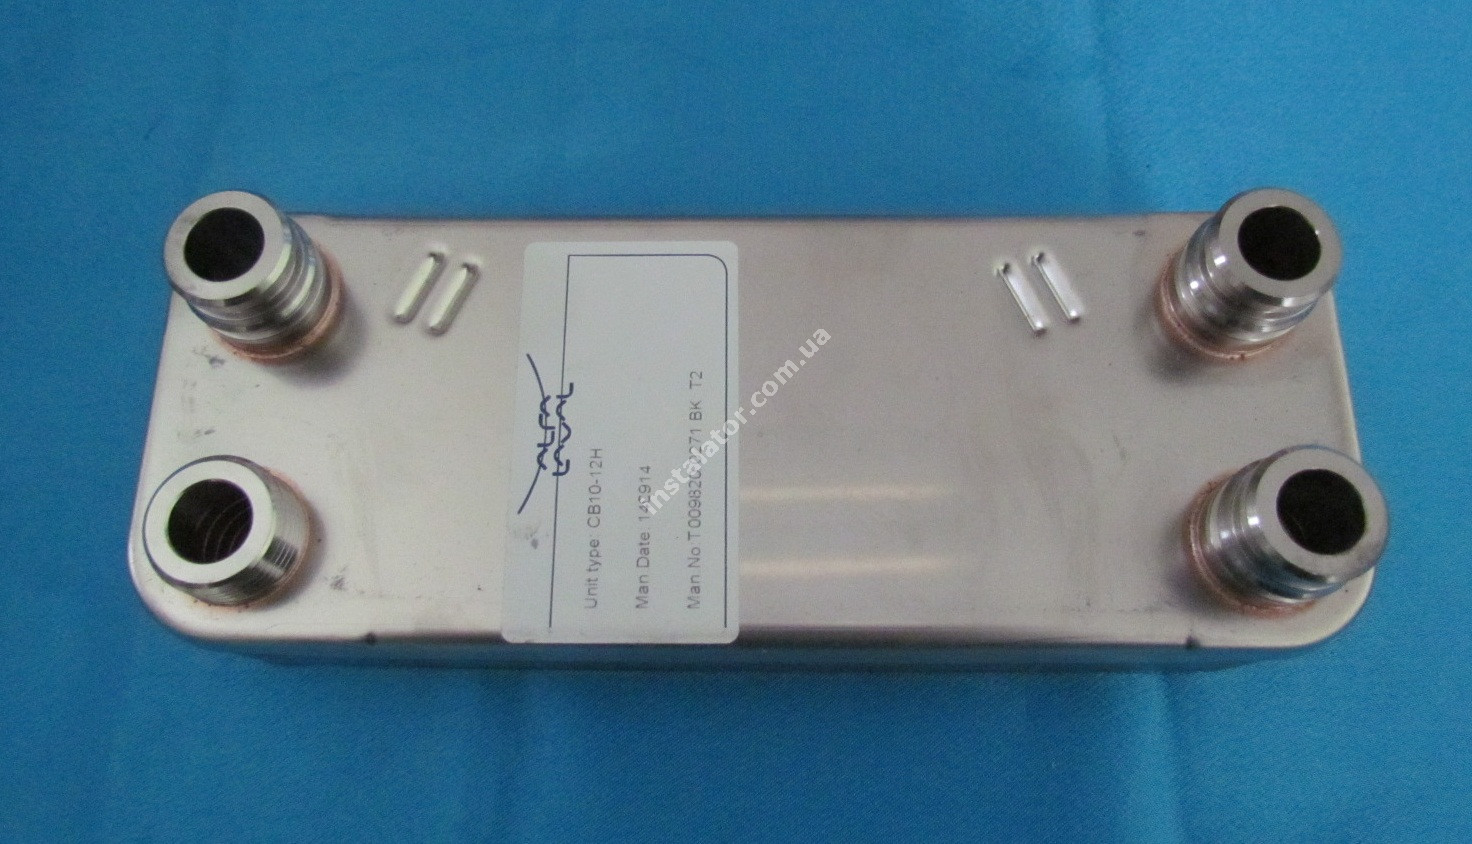 065131 Теплообмінник вторинний ГВП 12 пластин VAILLANT PRO-PLUS (зелені ручки) full-image-0